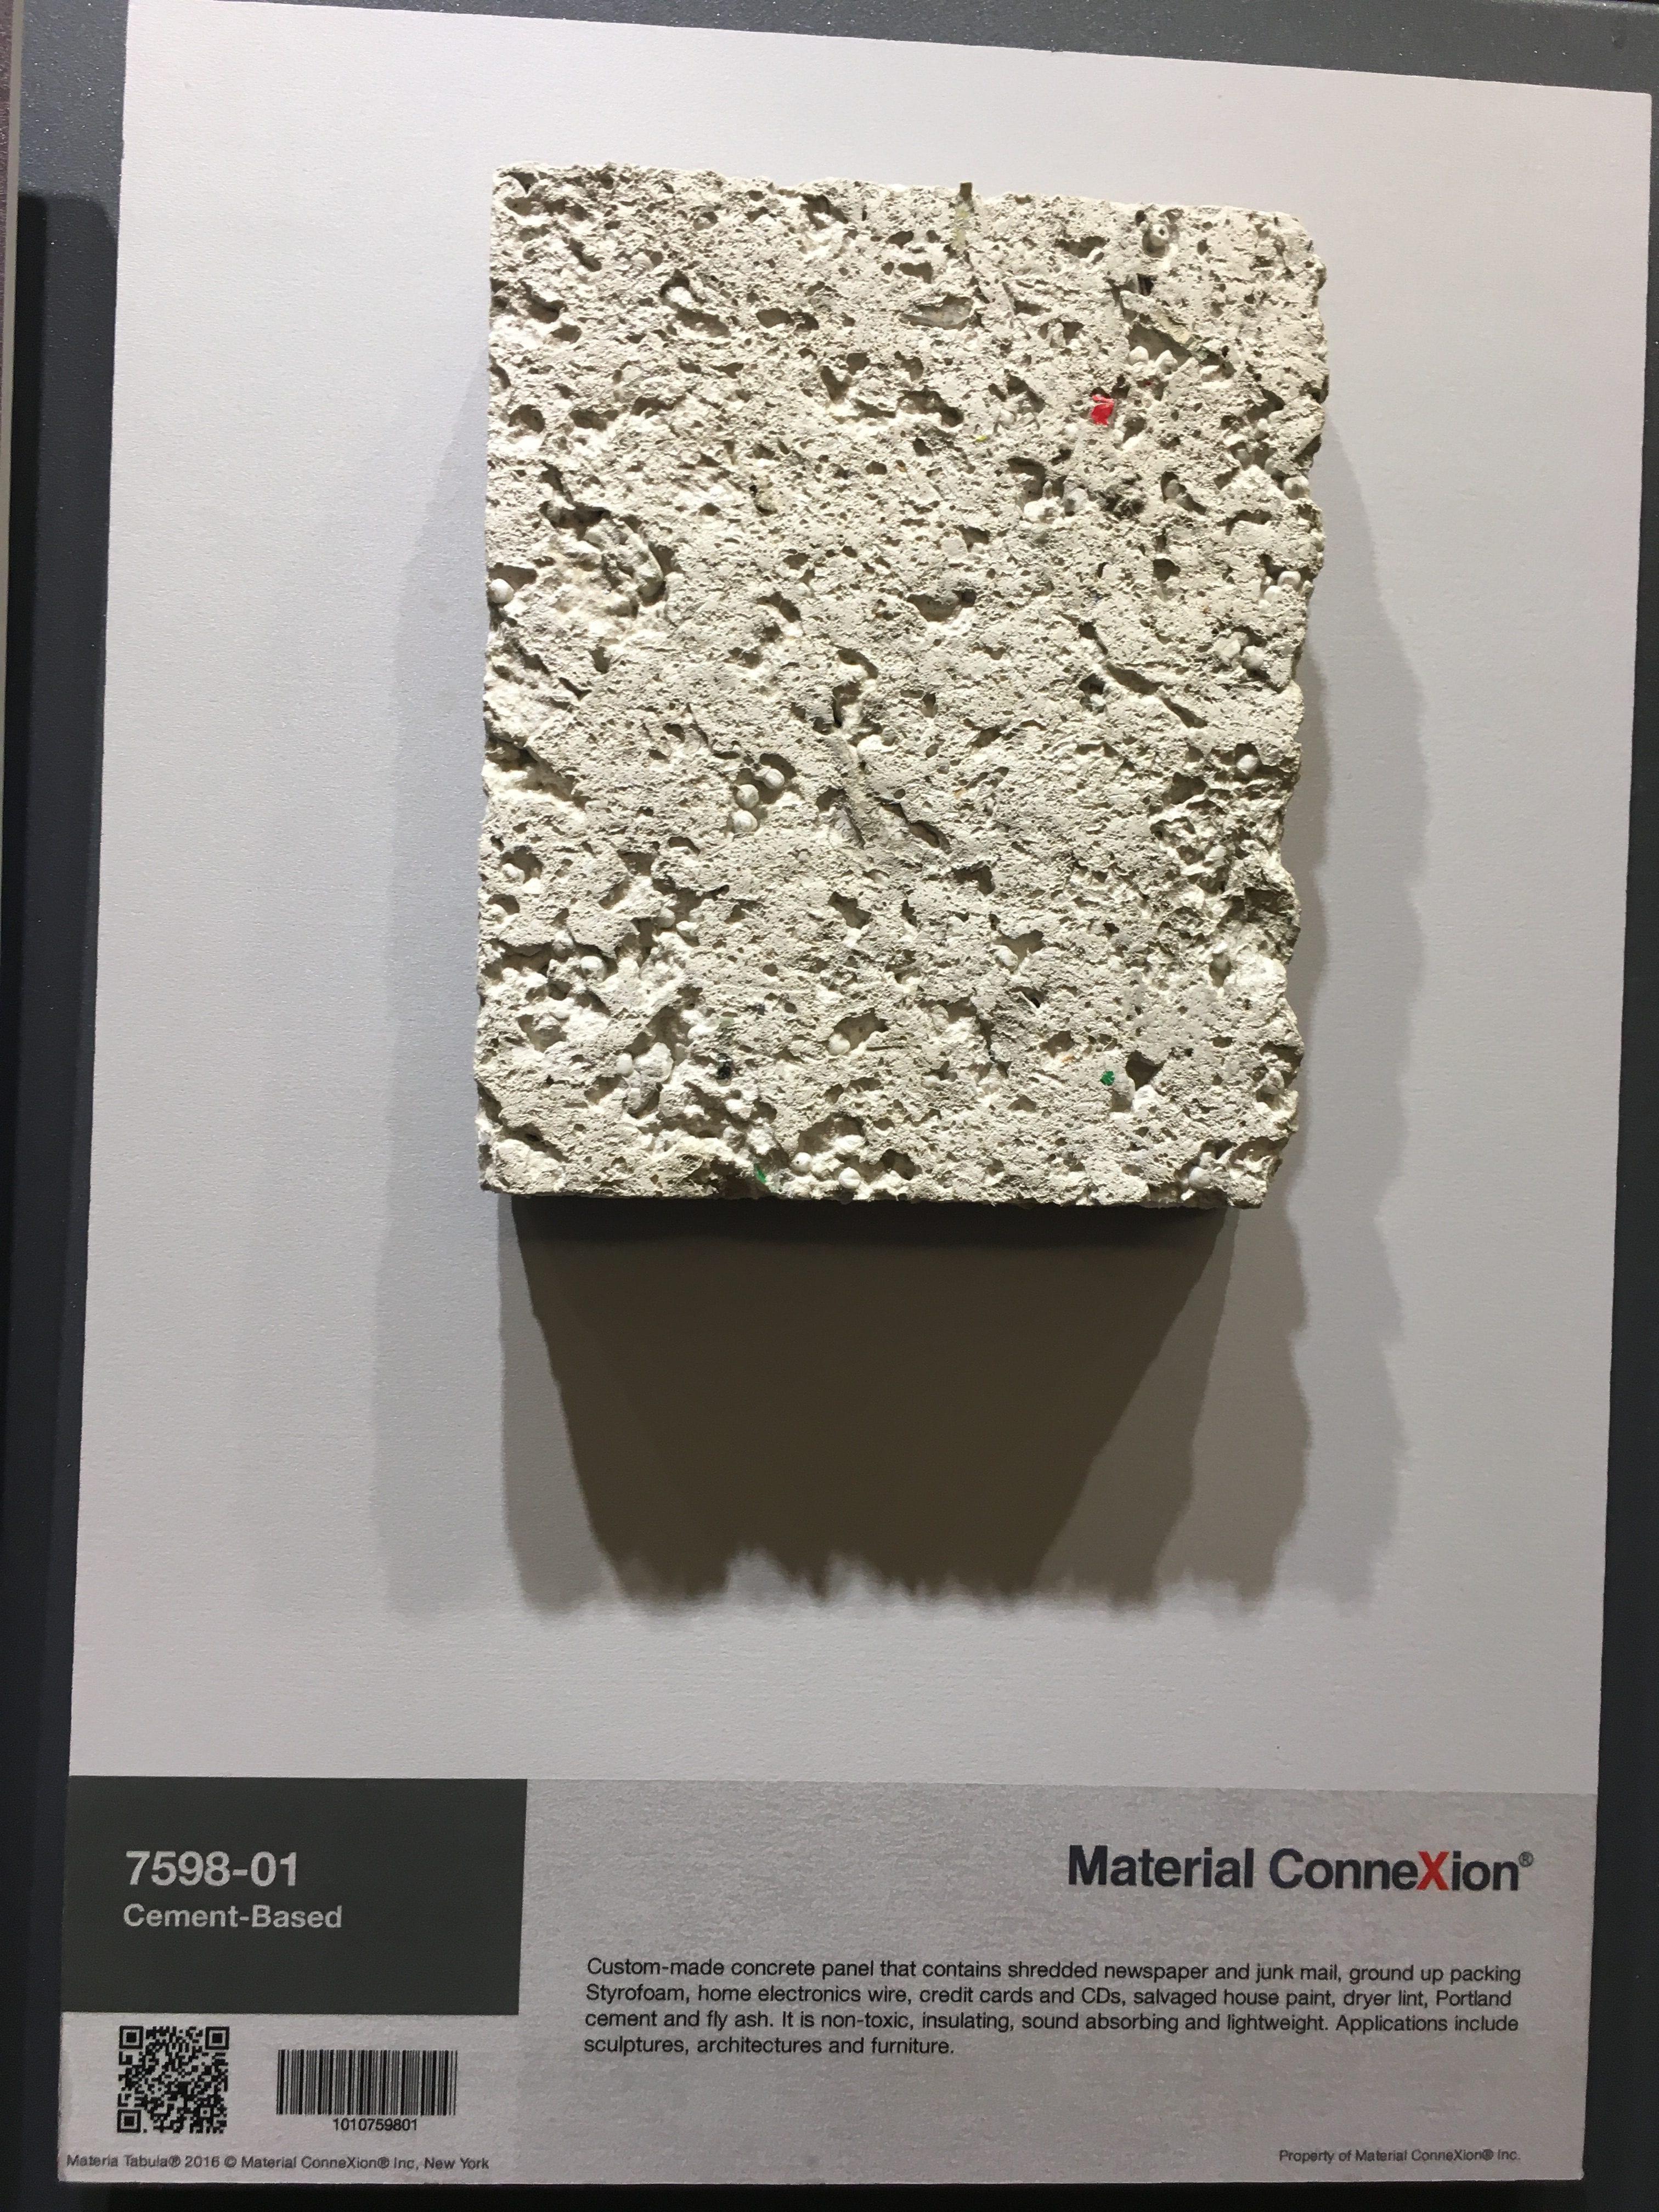 Design Idea 2 -Materials Connexion